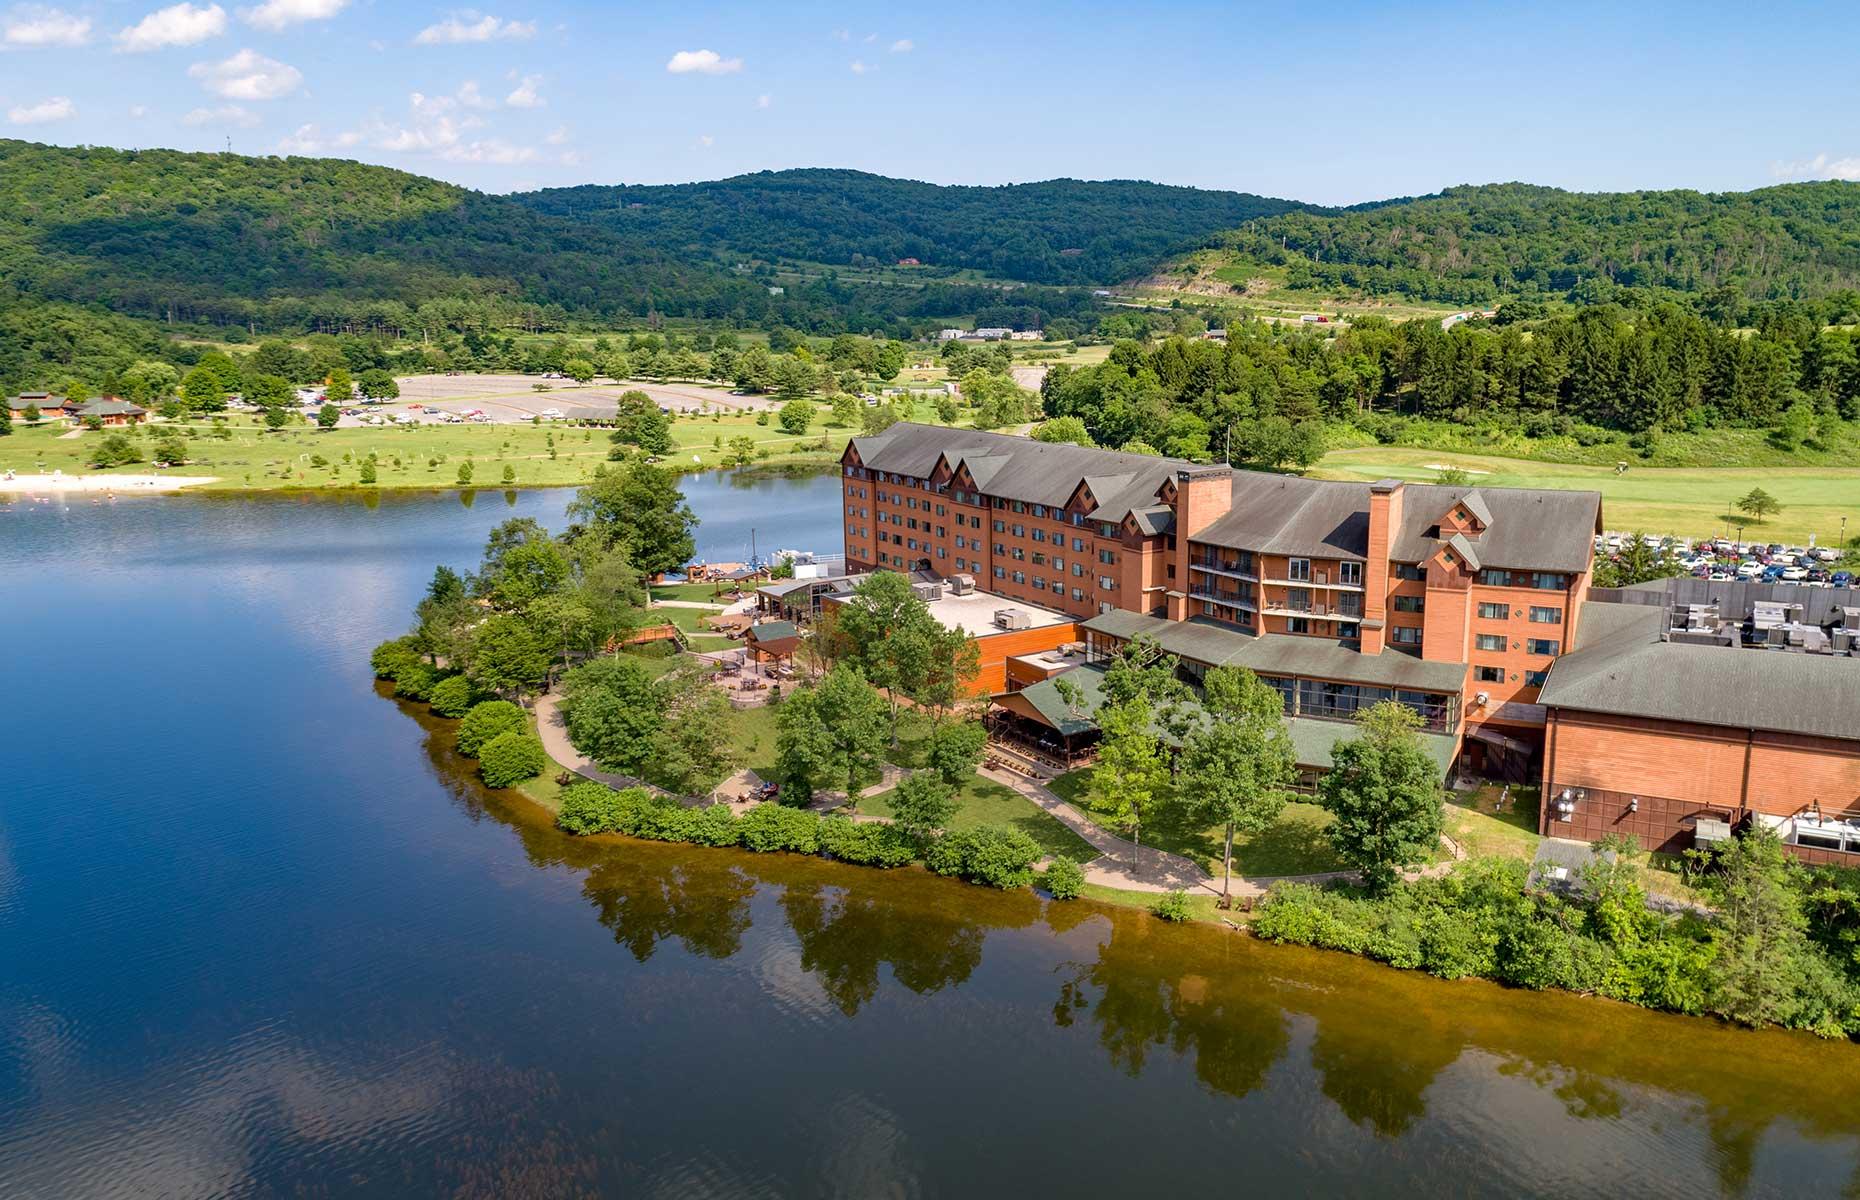 Rocky Gap Casino sits on a lake